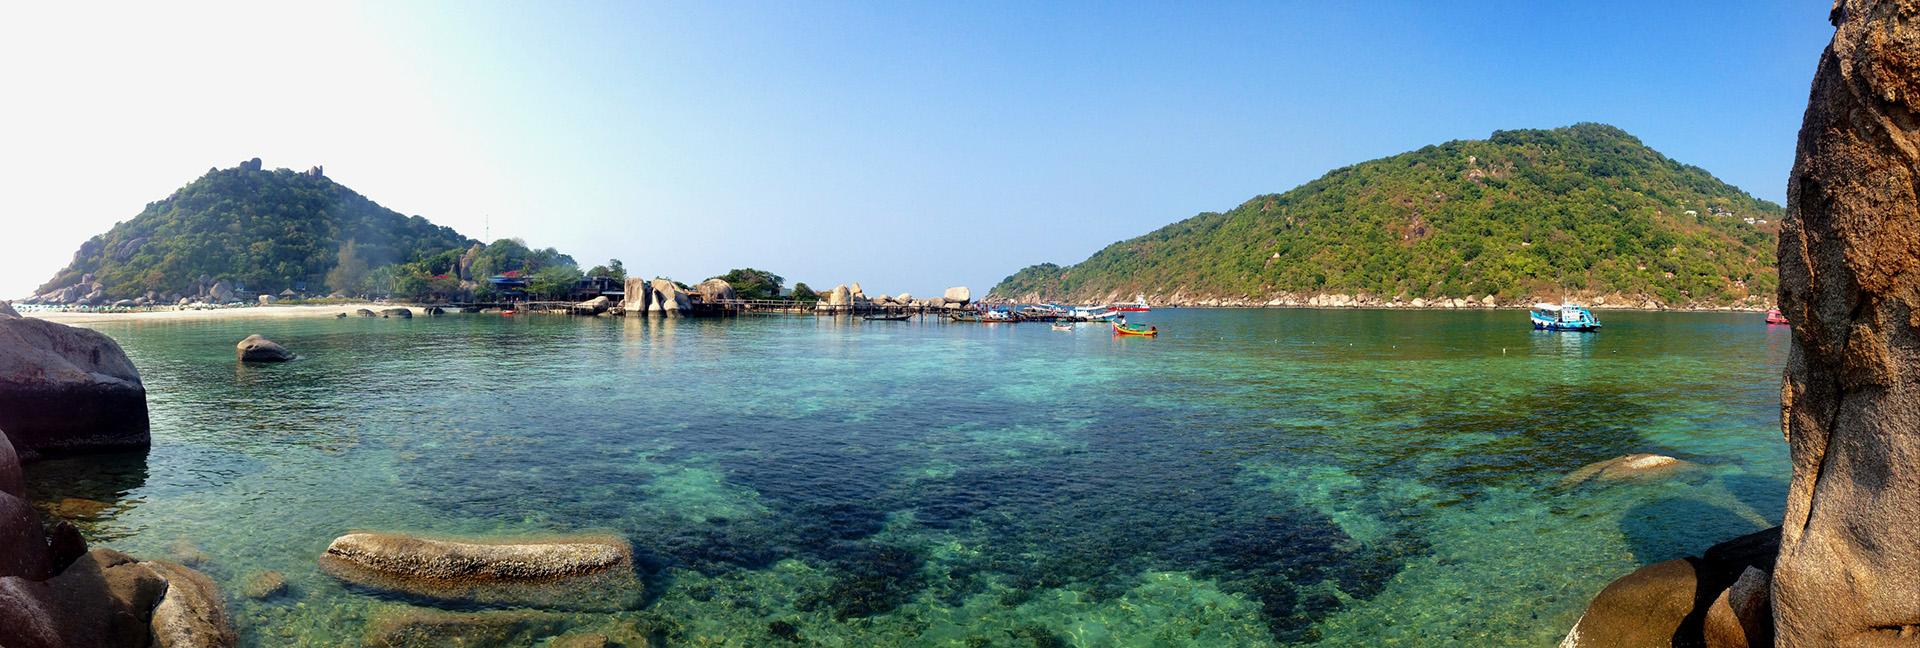 Es la segunda isla más grande del Golfo de Tailandia y la tercera del país (Getty Images)